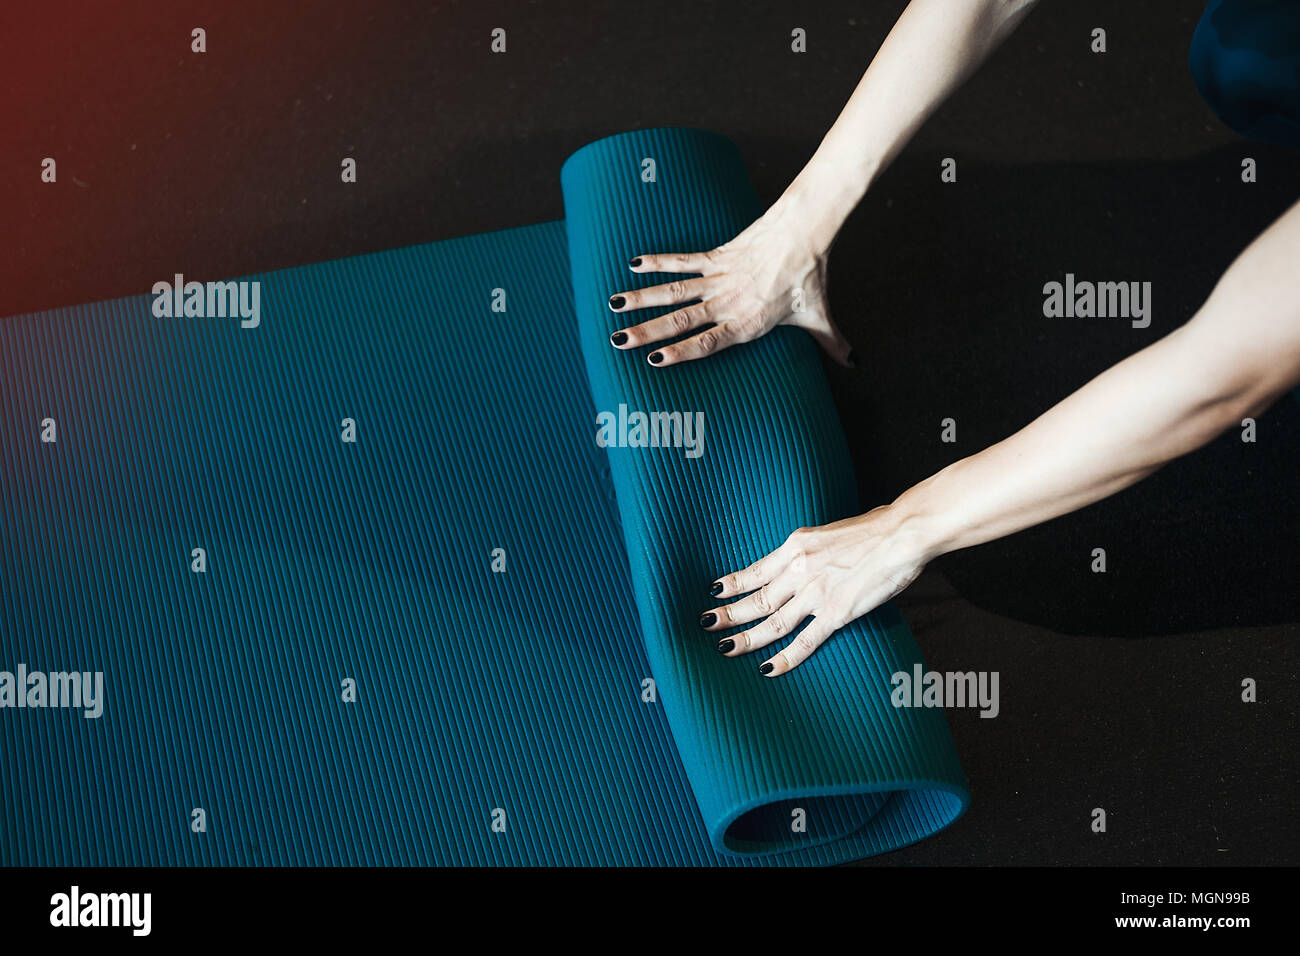 Junge Mädchen Anmeldung blau Yogamatte nach dem Üben Workout und crossfit. Stockbild